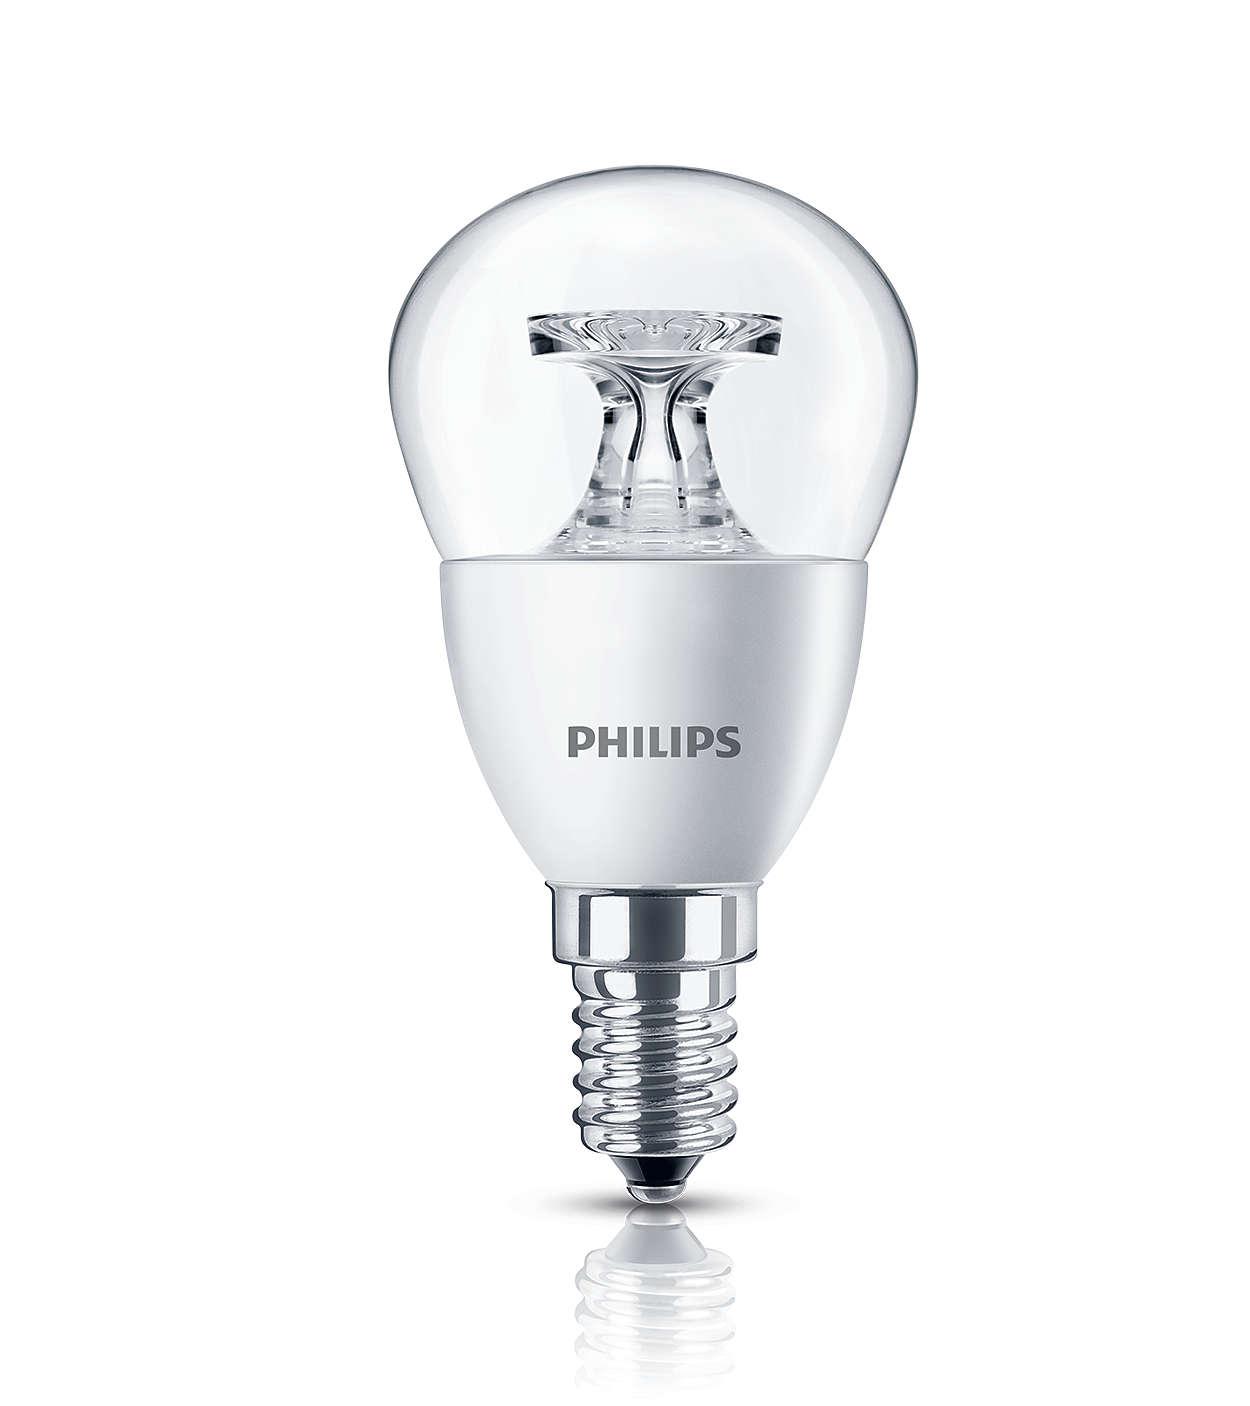 透明 LED 燭光燈為家居增添舒適的氣氛